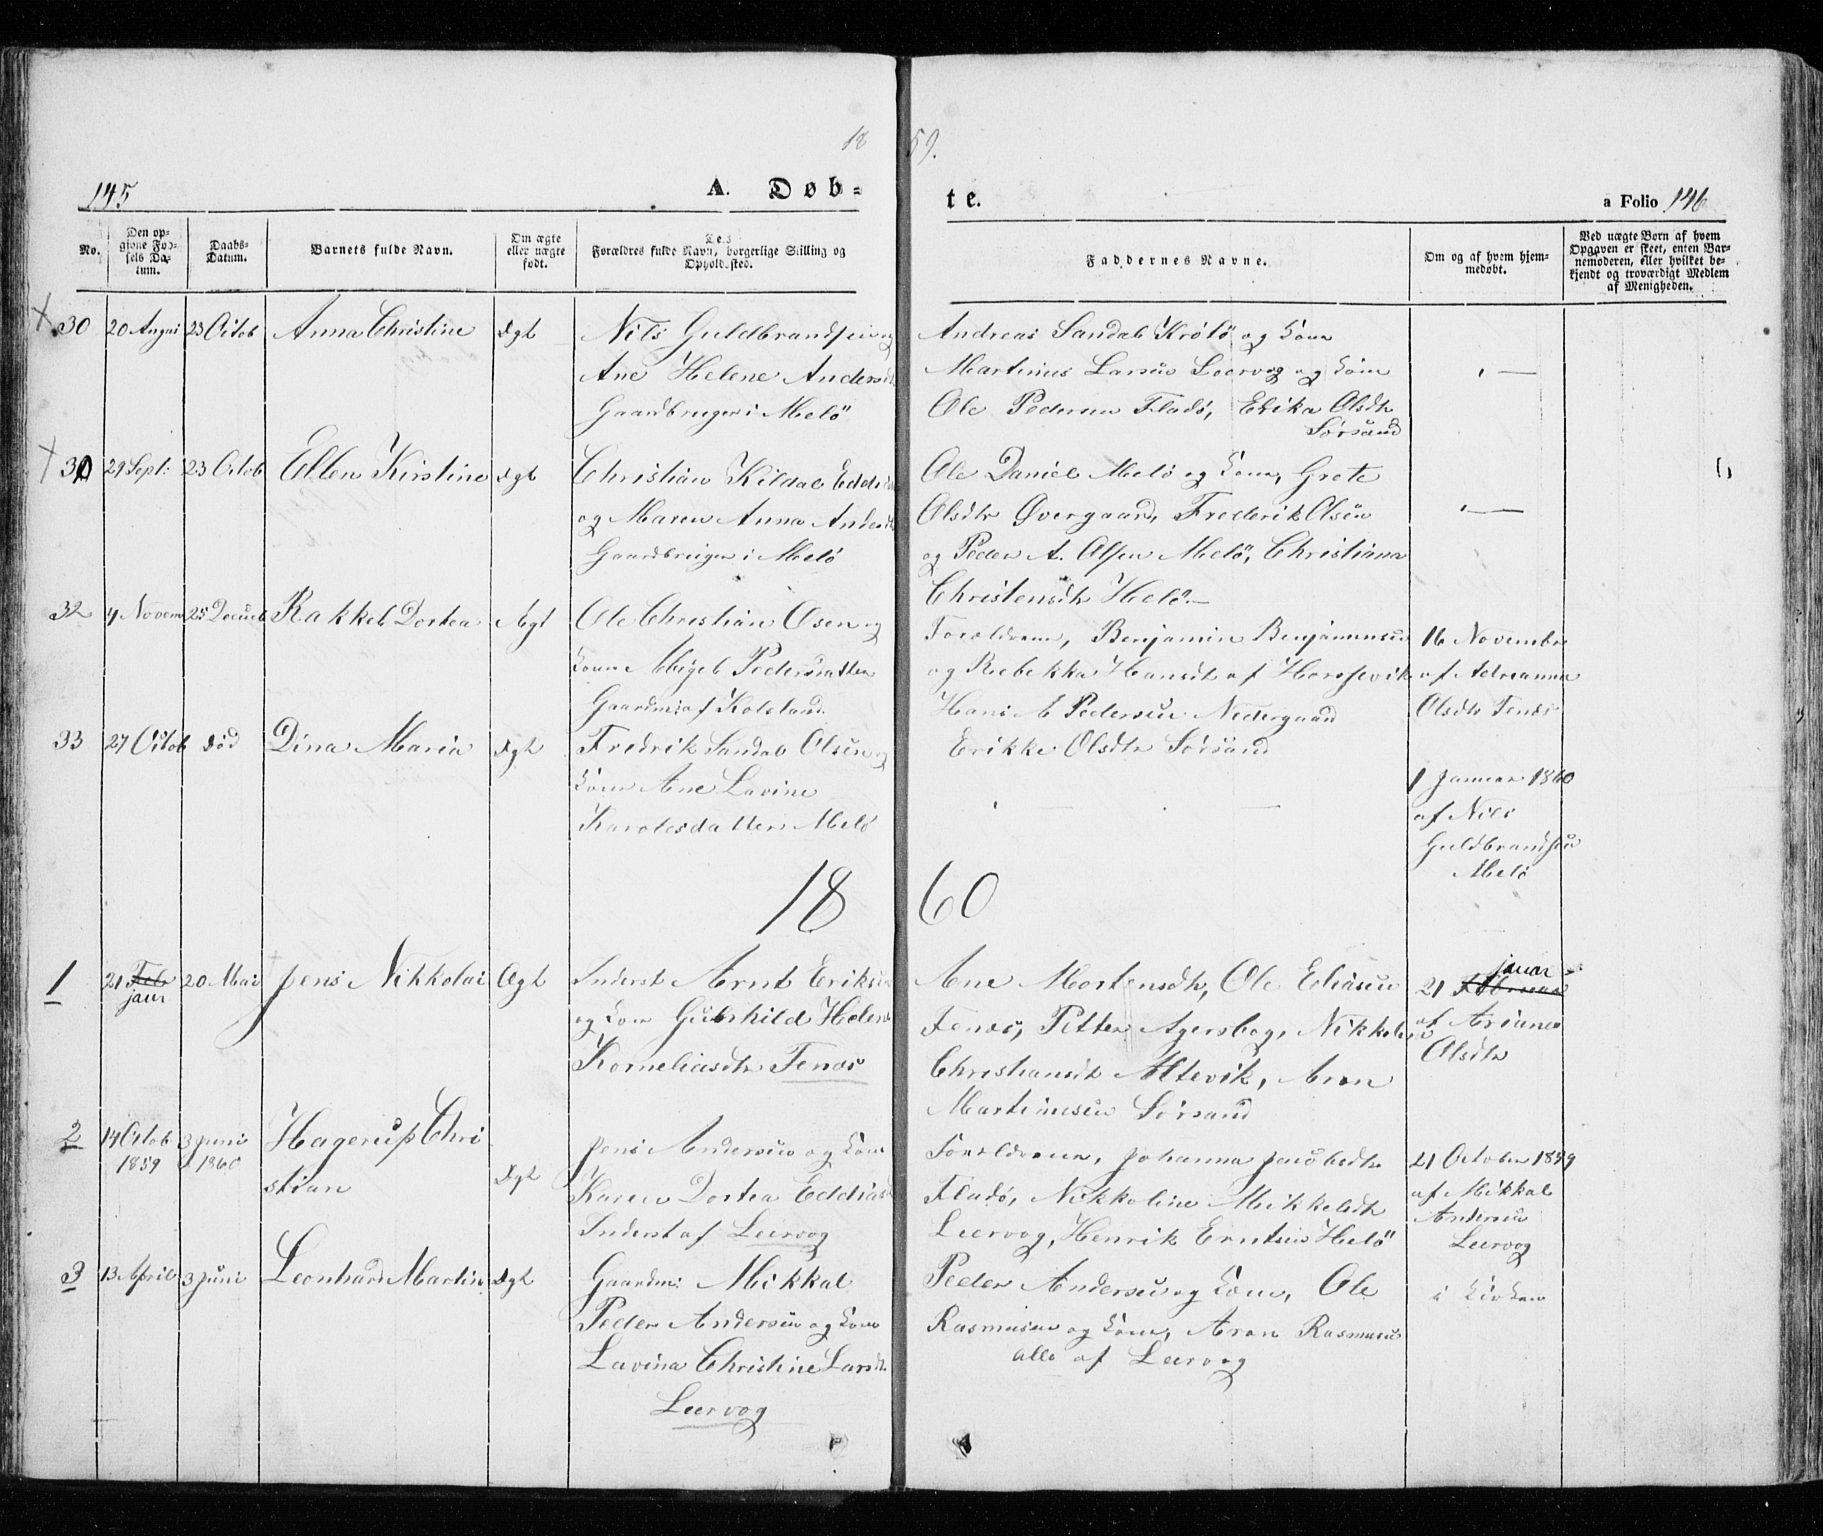 SATØ, Trondenes sokneprestkontor, H/Ha/L0010kirke: Ministerialbok nr. 10, 1840-1865, s. 145-146